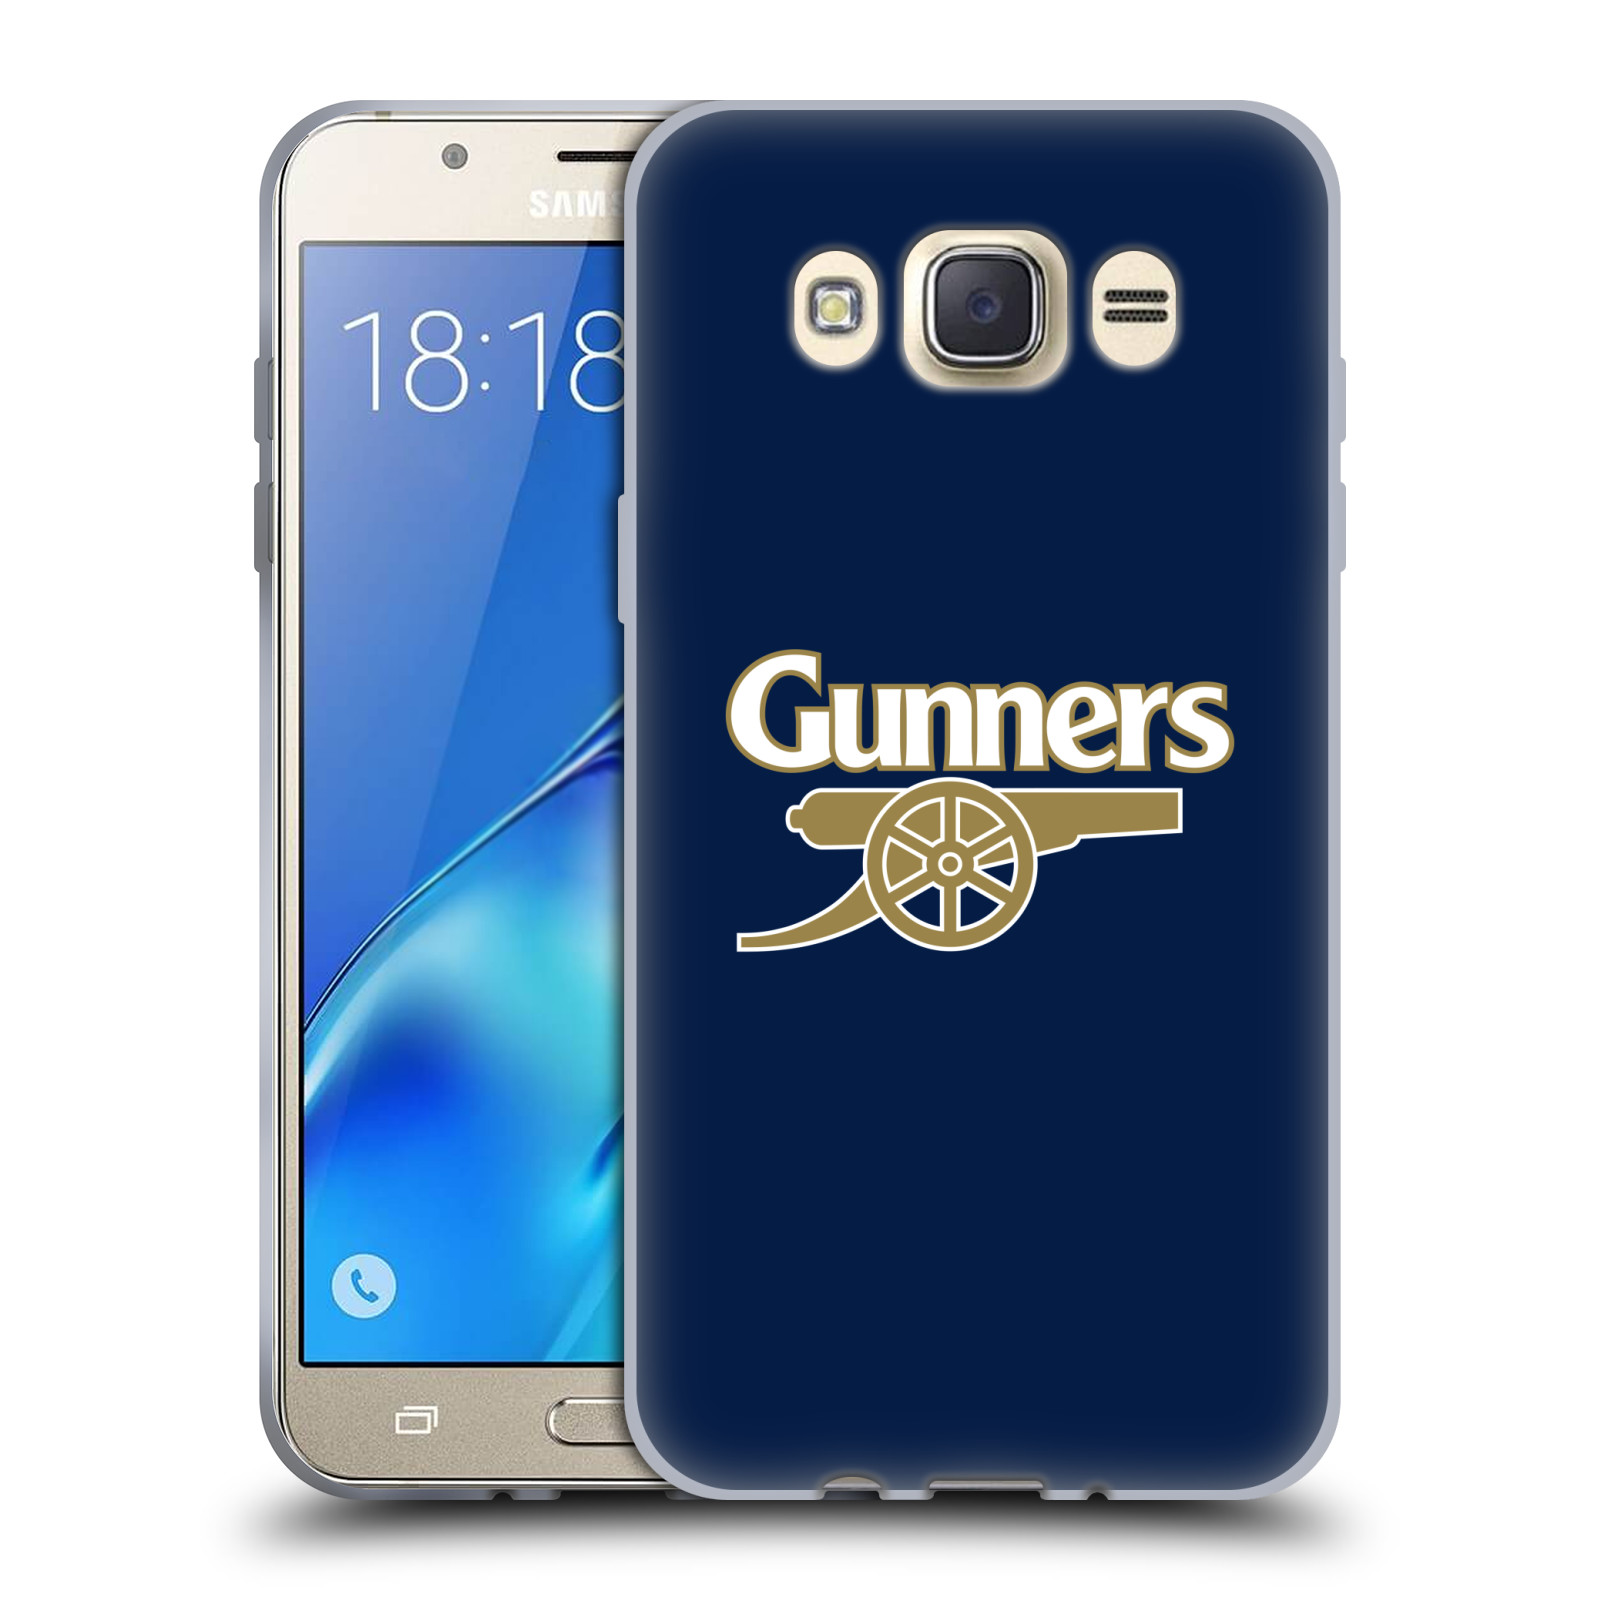 Silikonové pouzdro na mobil Samsung Galaxy J7 (2016) - Head Case - Arsenal FC - Gunners